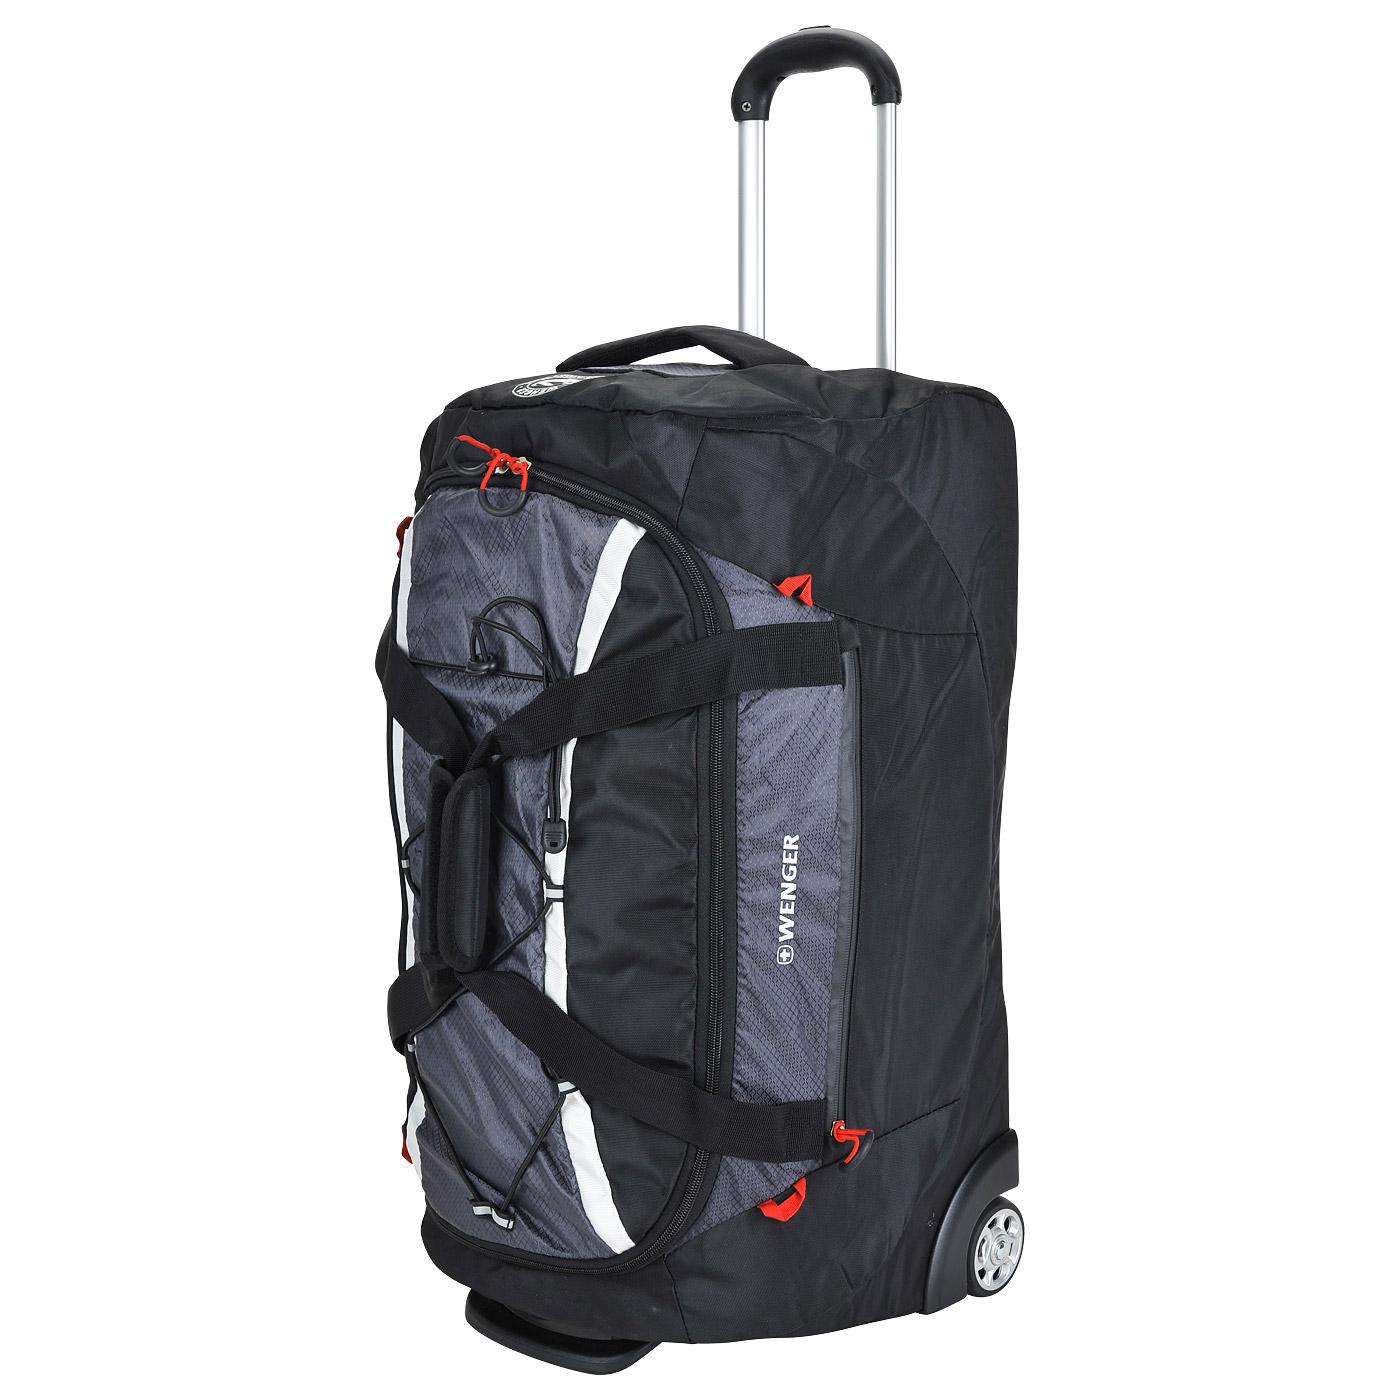 97b7c5528429 Дорожная сумка на колесах Wenger 3053204267 - 2000557756694 черный ...